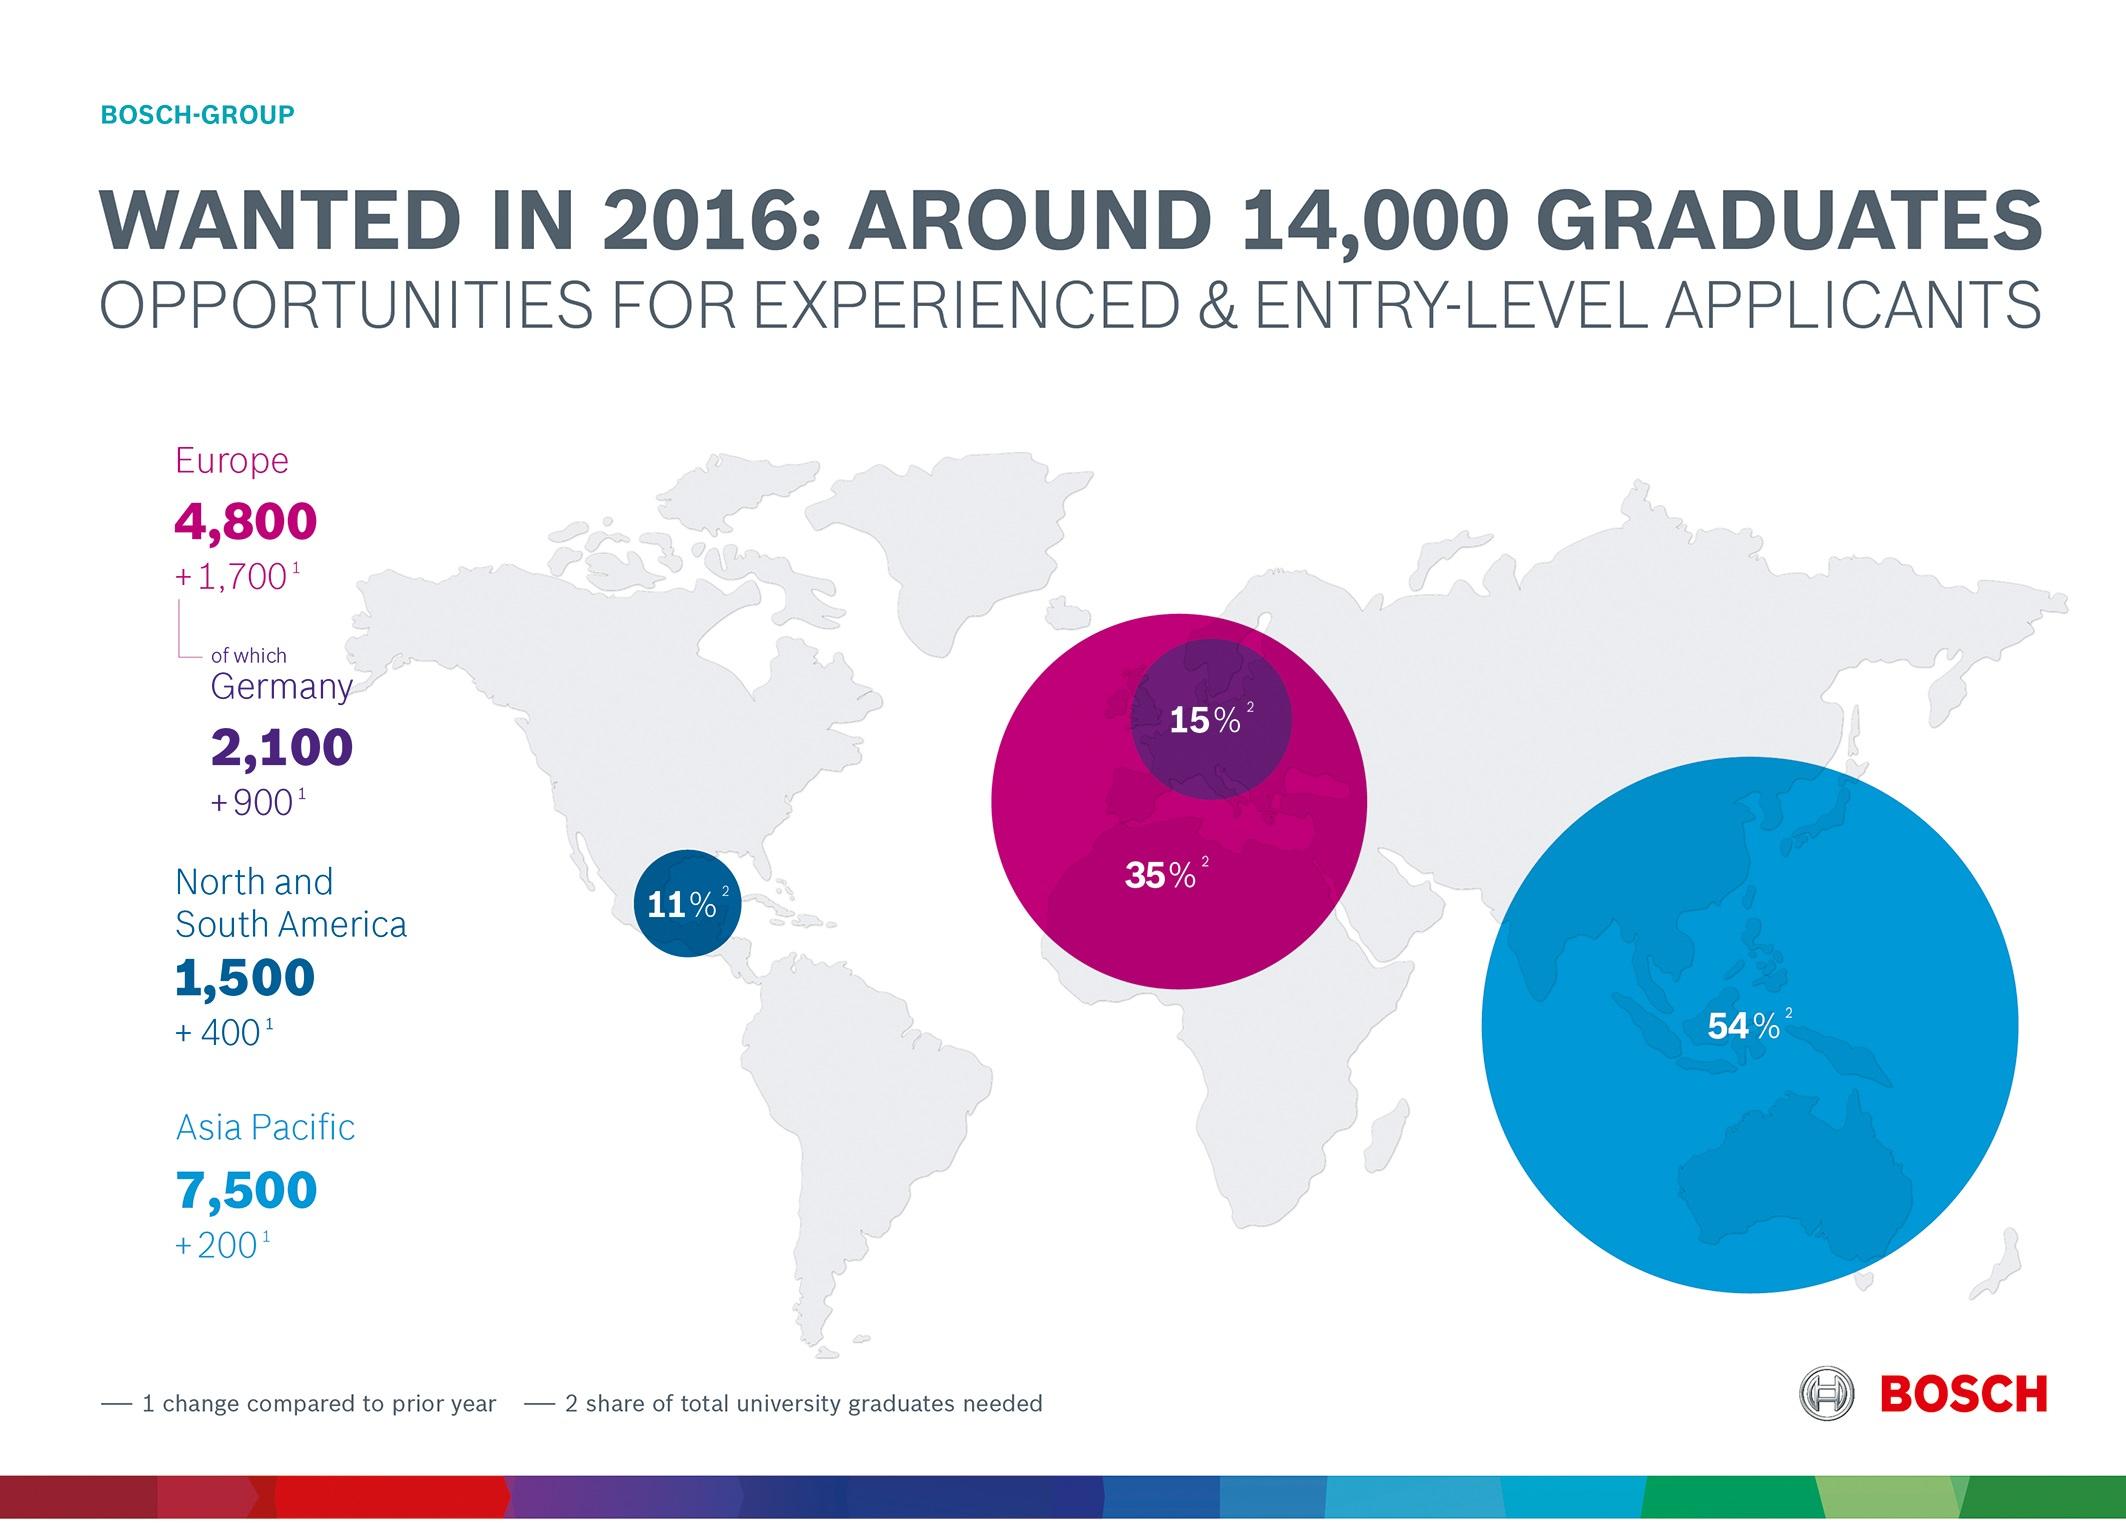 """Le """"soluzioni connesse"""" sono uno stimolo per la creazione di posti di lavoro - Bosch assumerà 14.000 neolaureati"""